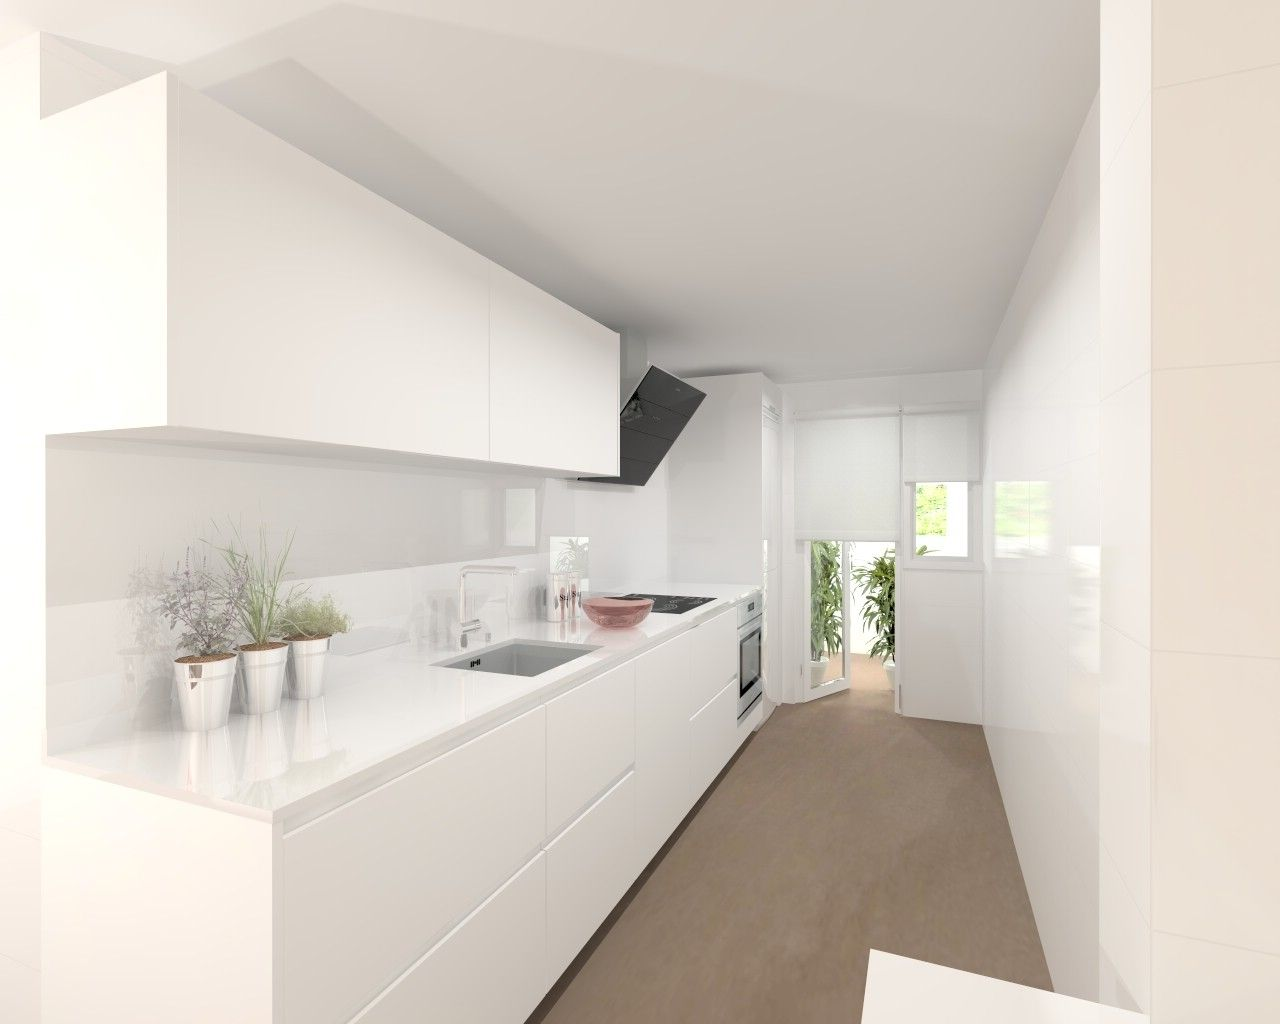 Modelo line estratificado blanco encimera silestone for Encimera de cocina lacada en blanco negro